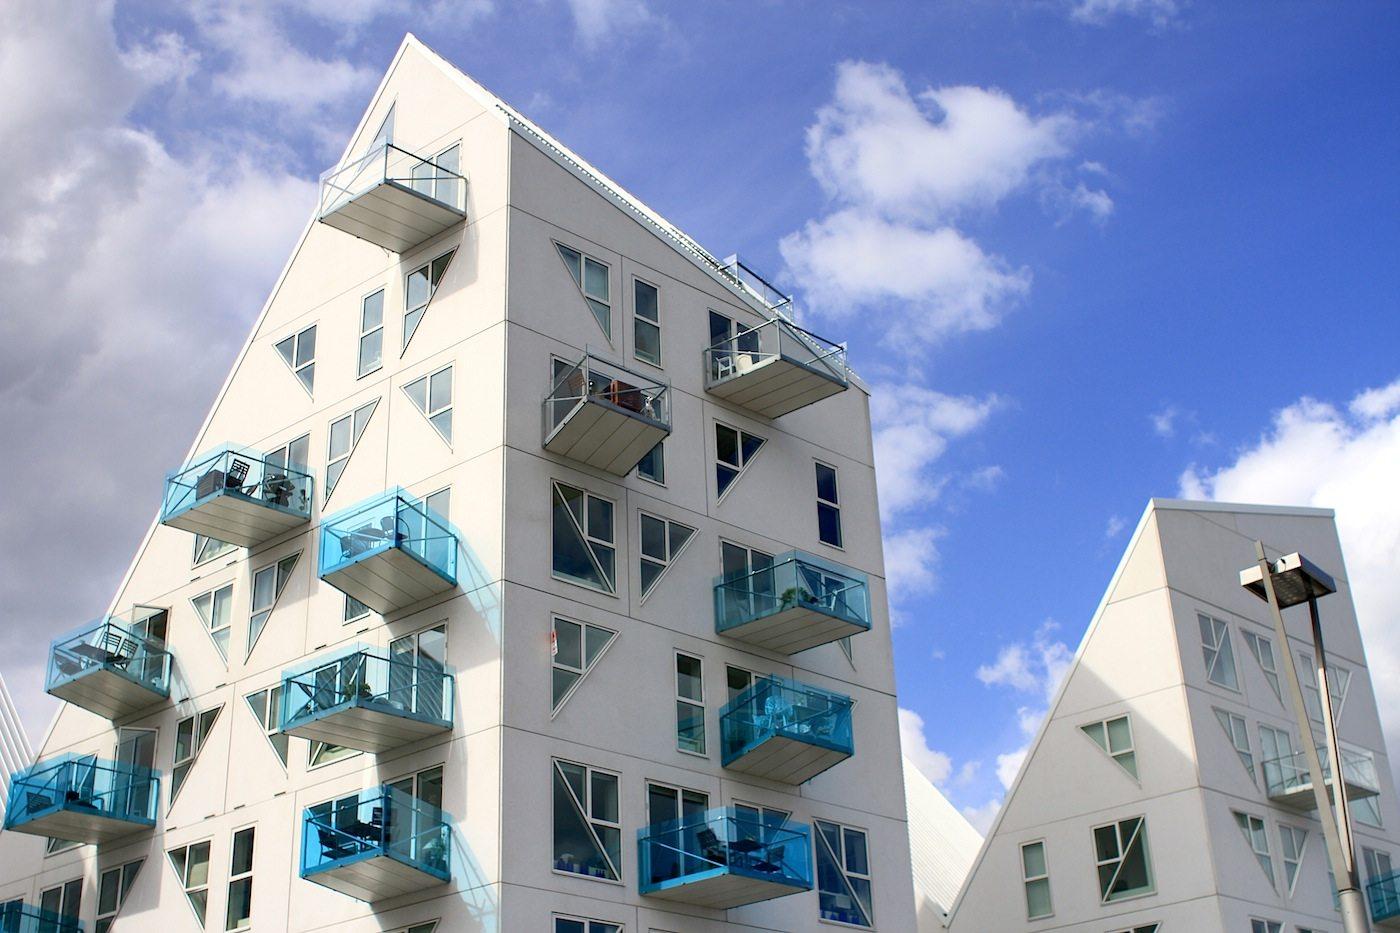 Der Eisberg.  Die weißen Fassaden sind in ein Raster aus Dreiecken eingeteilt und ...